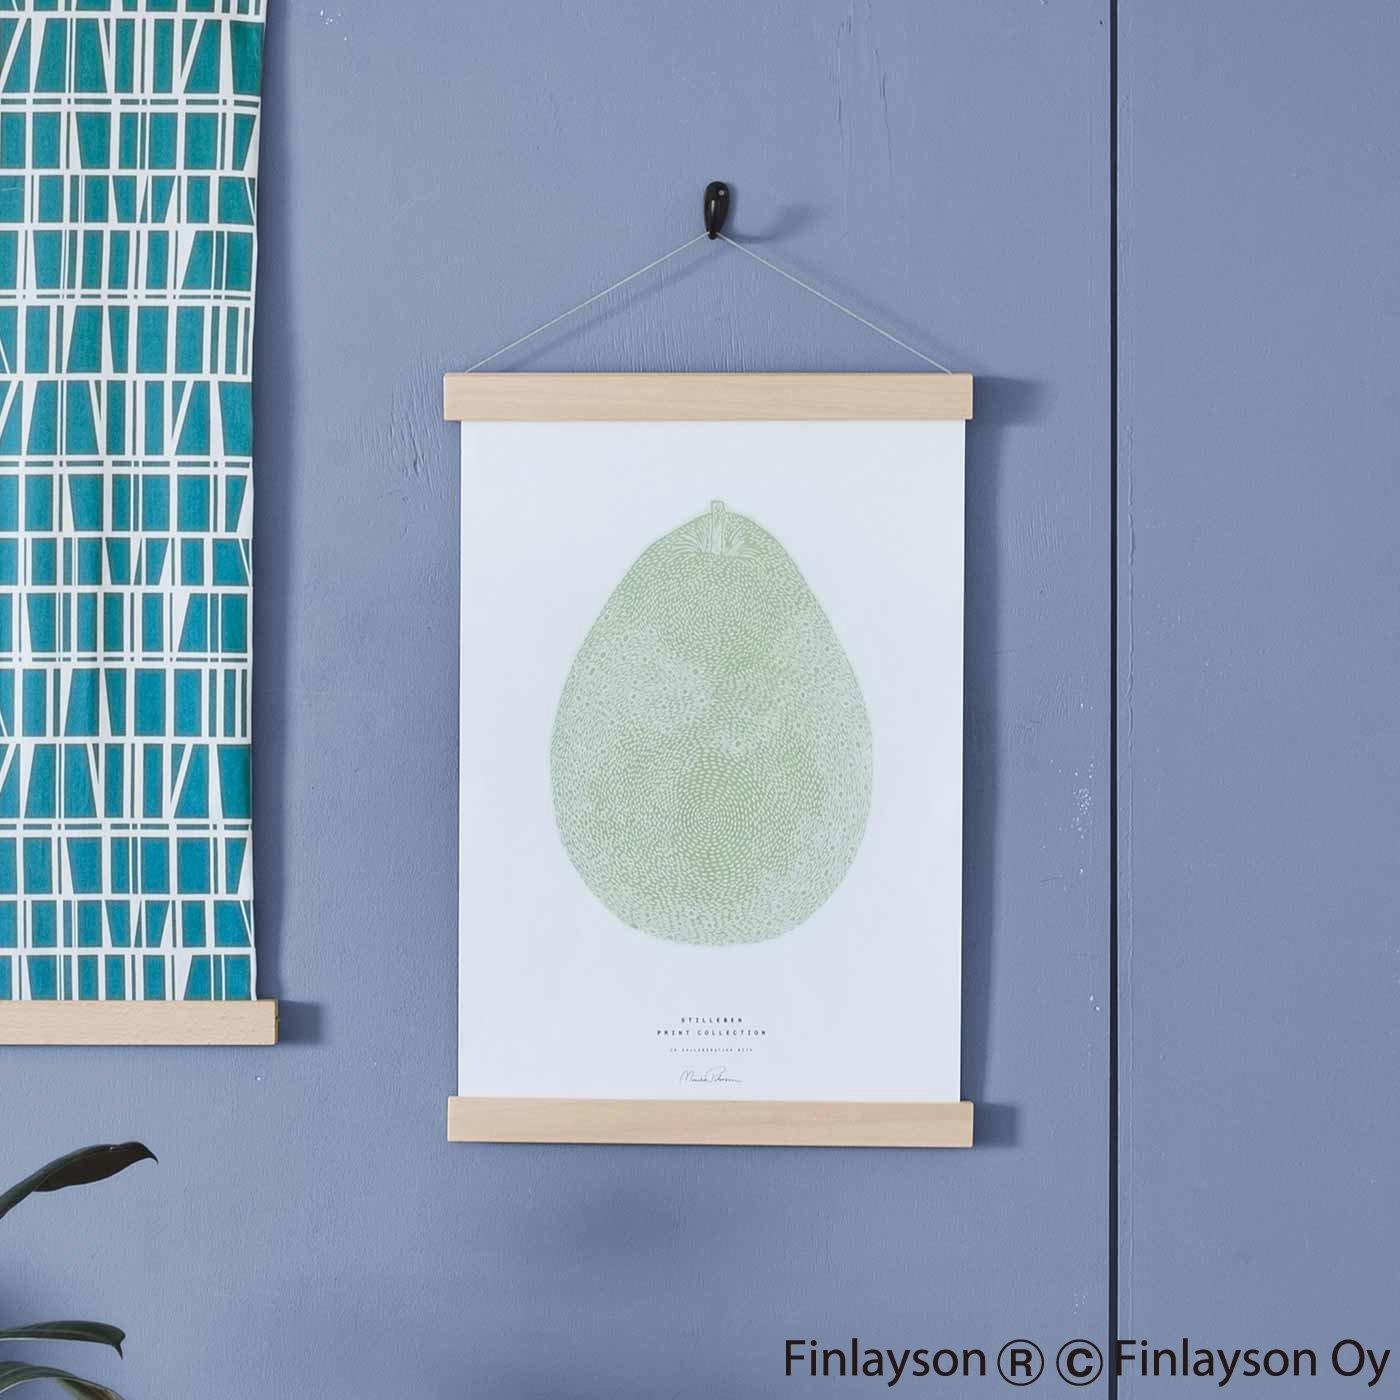 ポスターや絵を素敵に縁(ふち)取る 家具職人が作ったポスターハンガー〈M〉